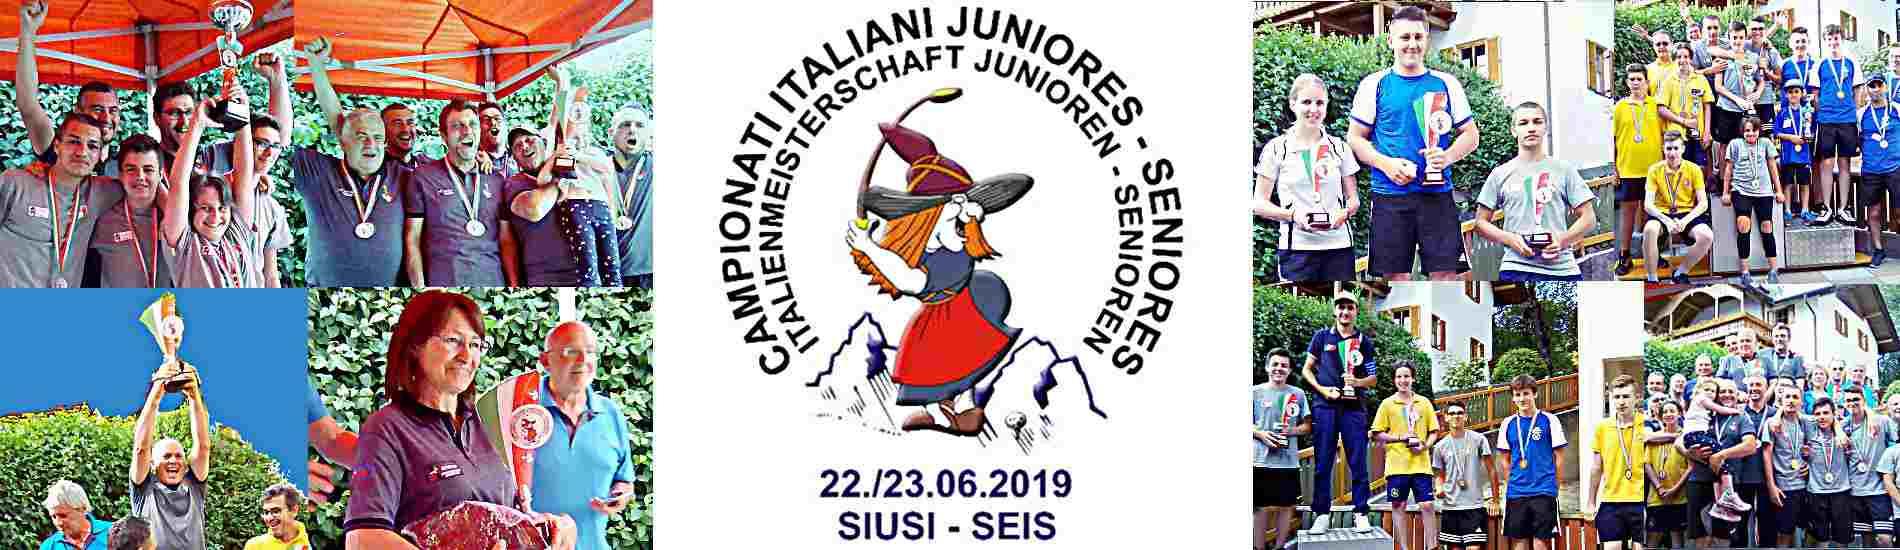 I Campioni Junior e Senior 2019